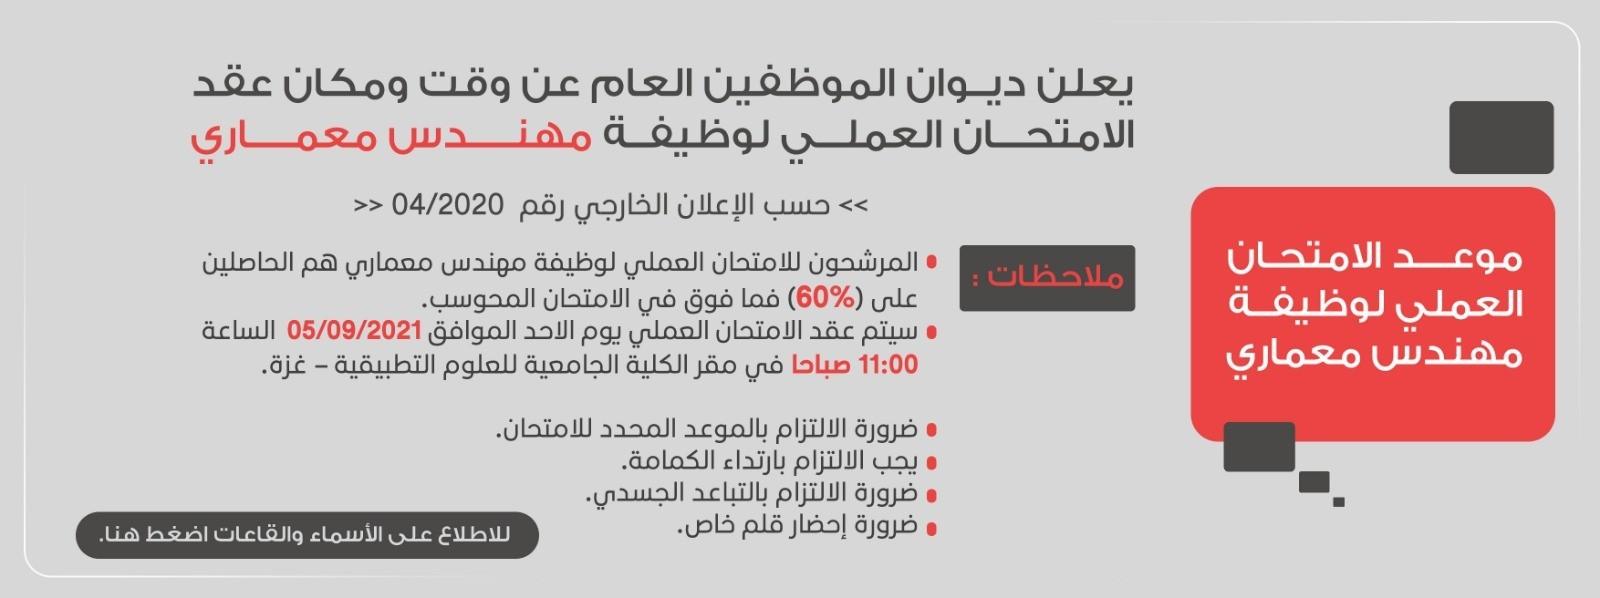 """ديوان الموظفين بغزّة يُعلن موعد الامتحان العملي لوظيفة """"مهندس معماري"""""""